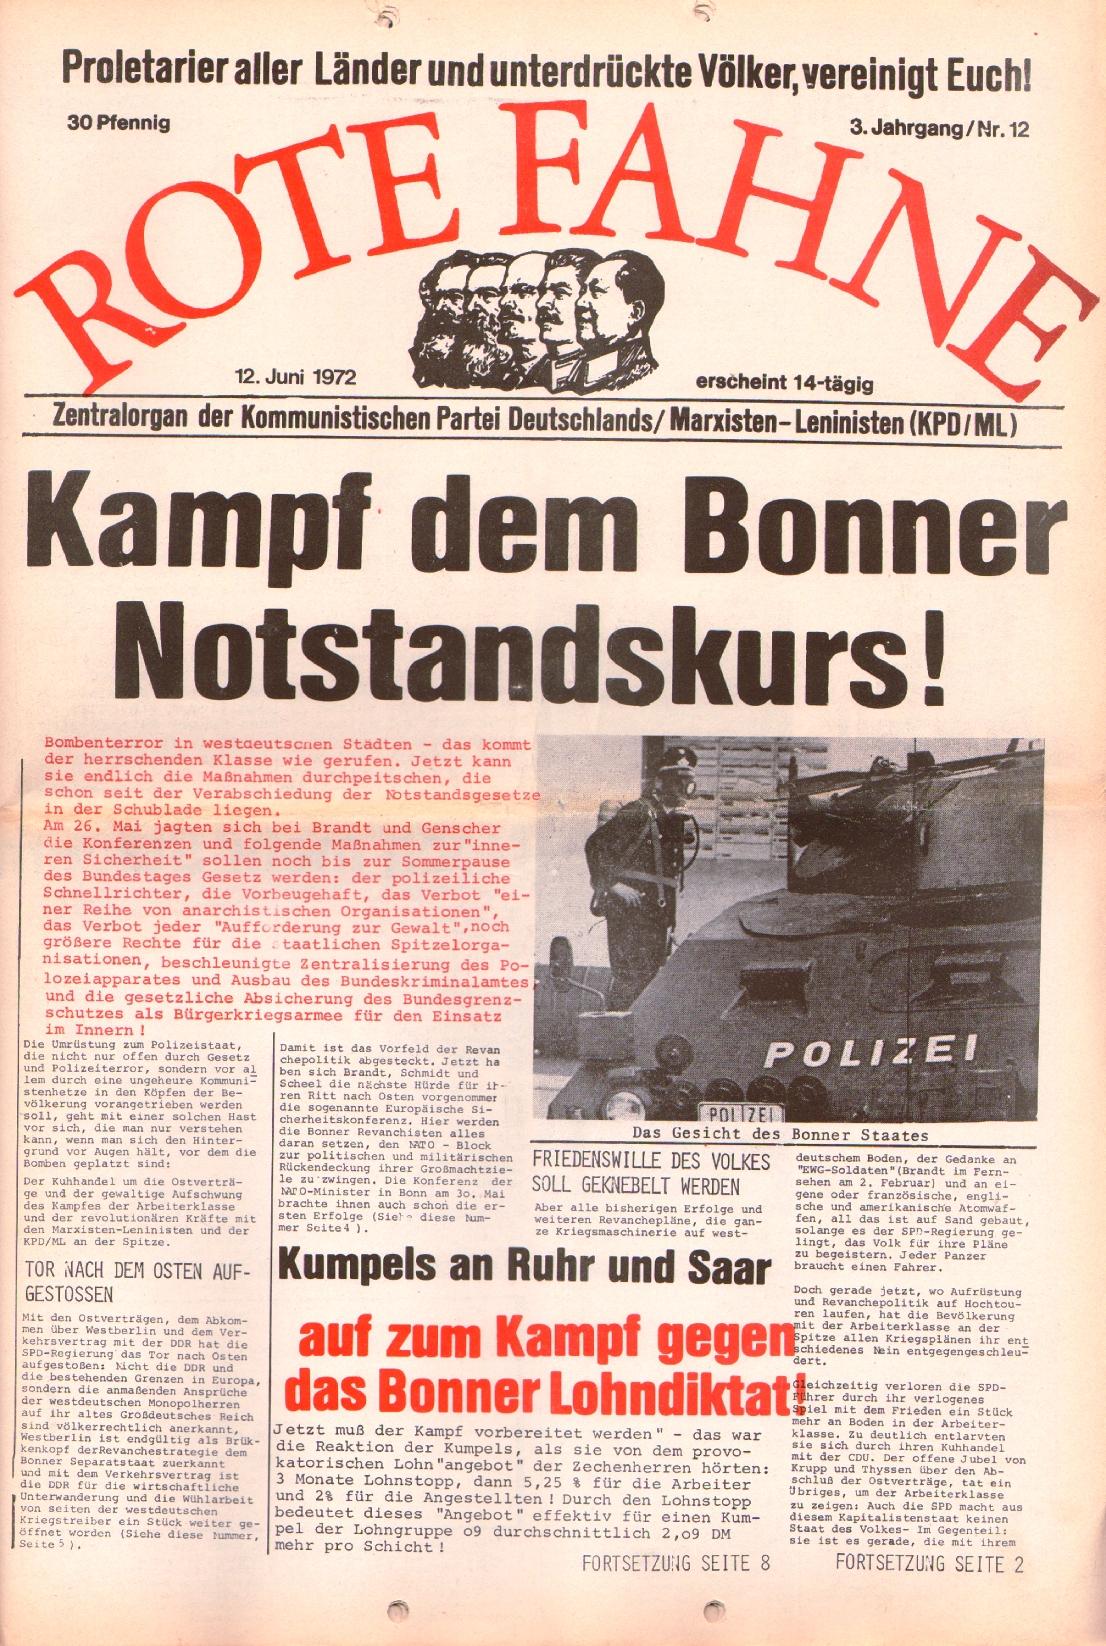 Rote Fahne, 3. Jg., 12.6.1972, Nr. 12, Seite 1